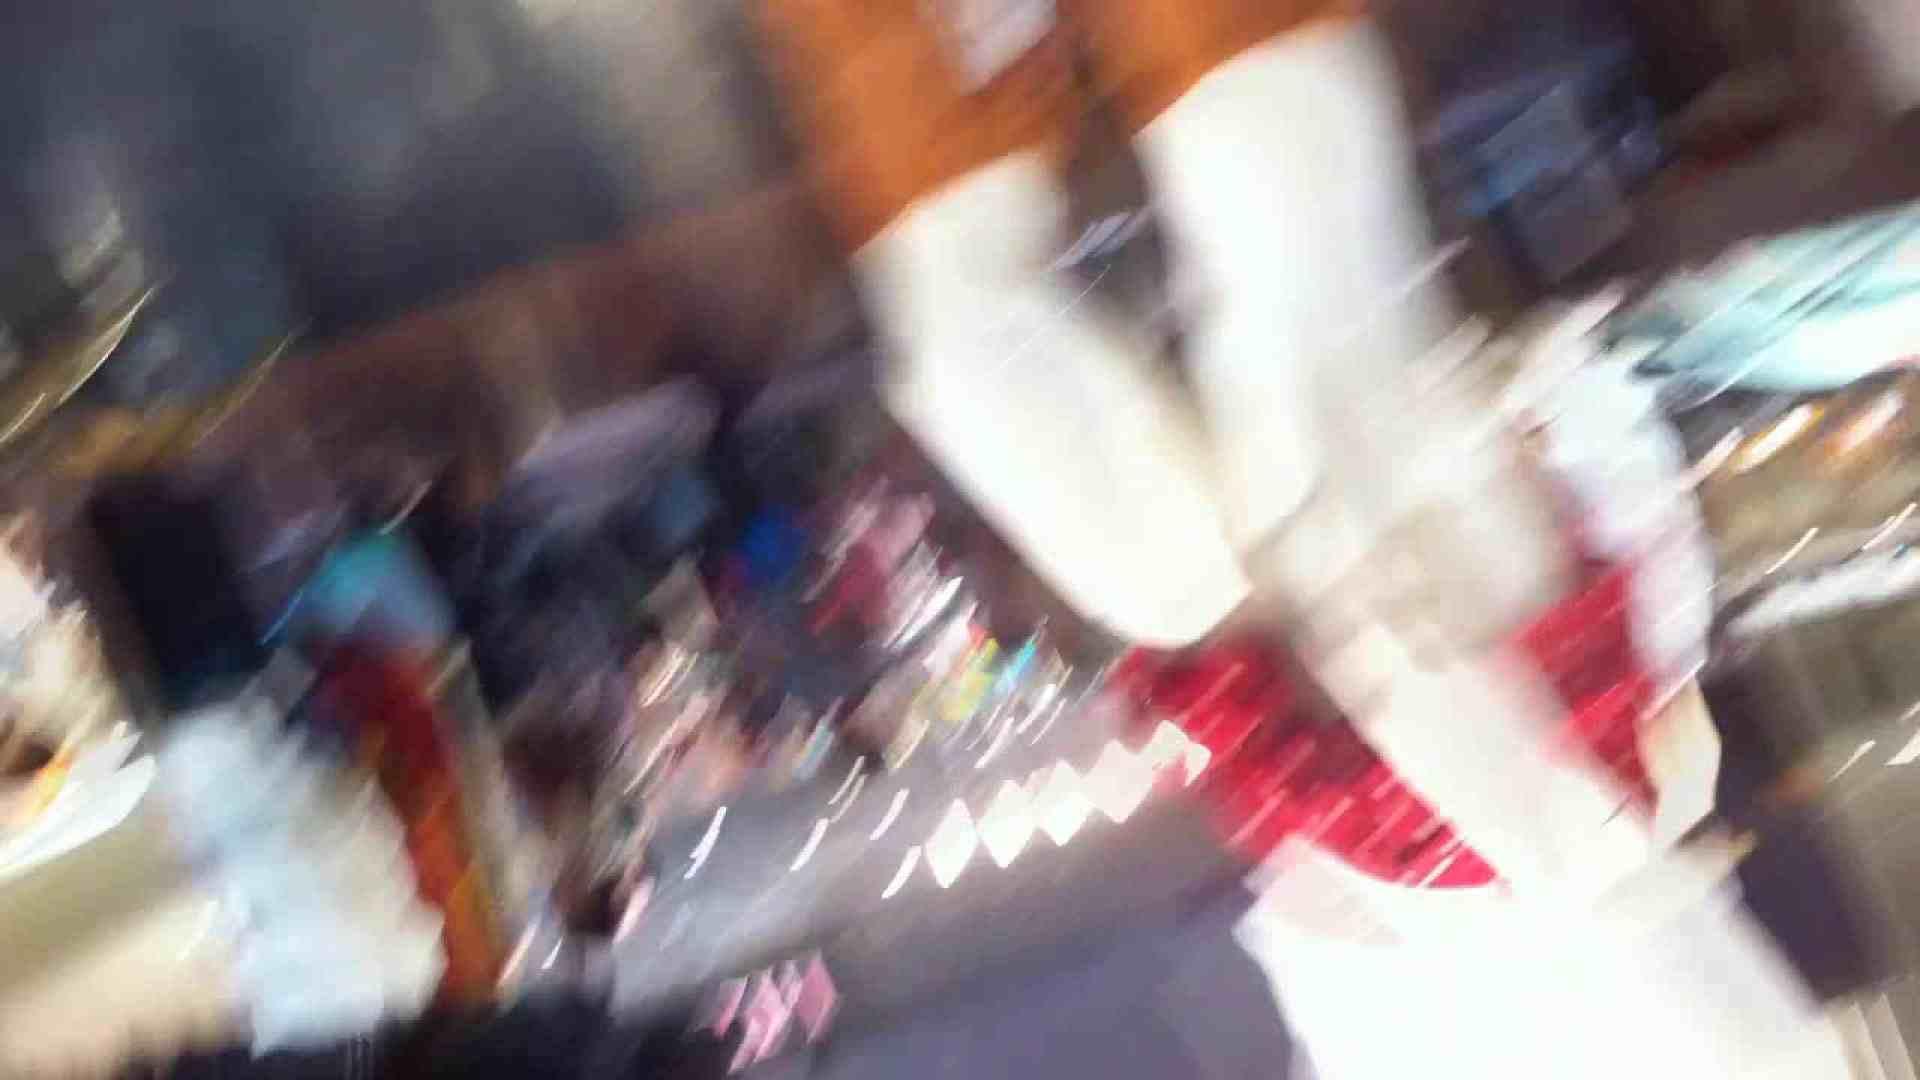 フルHD ショップ店員千人斬り! 大画面ノーカット完全版 vol.45 OLエロ画像 | ギャルエロ画像  104PICs 17